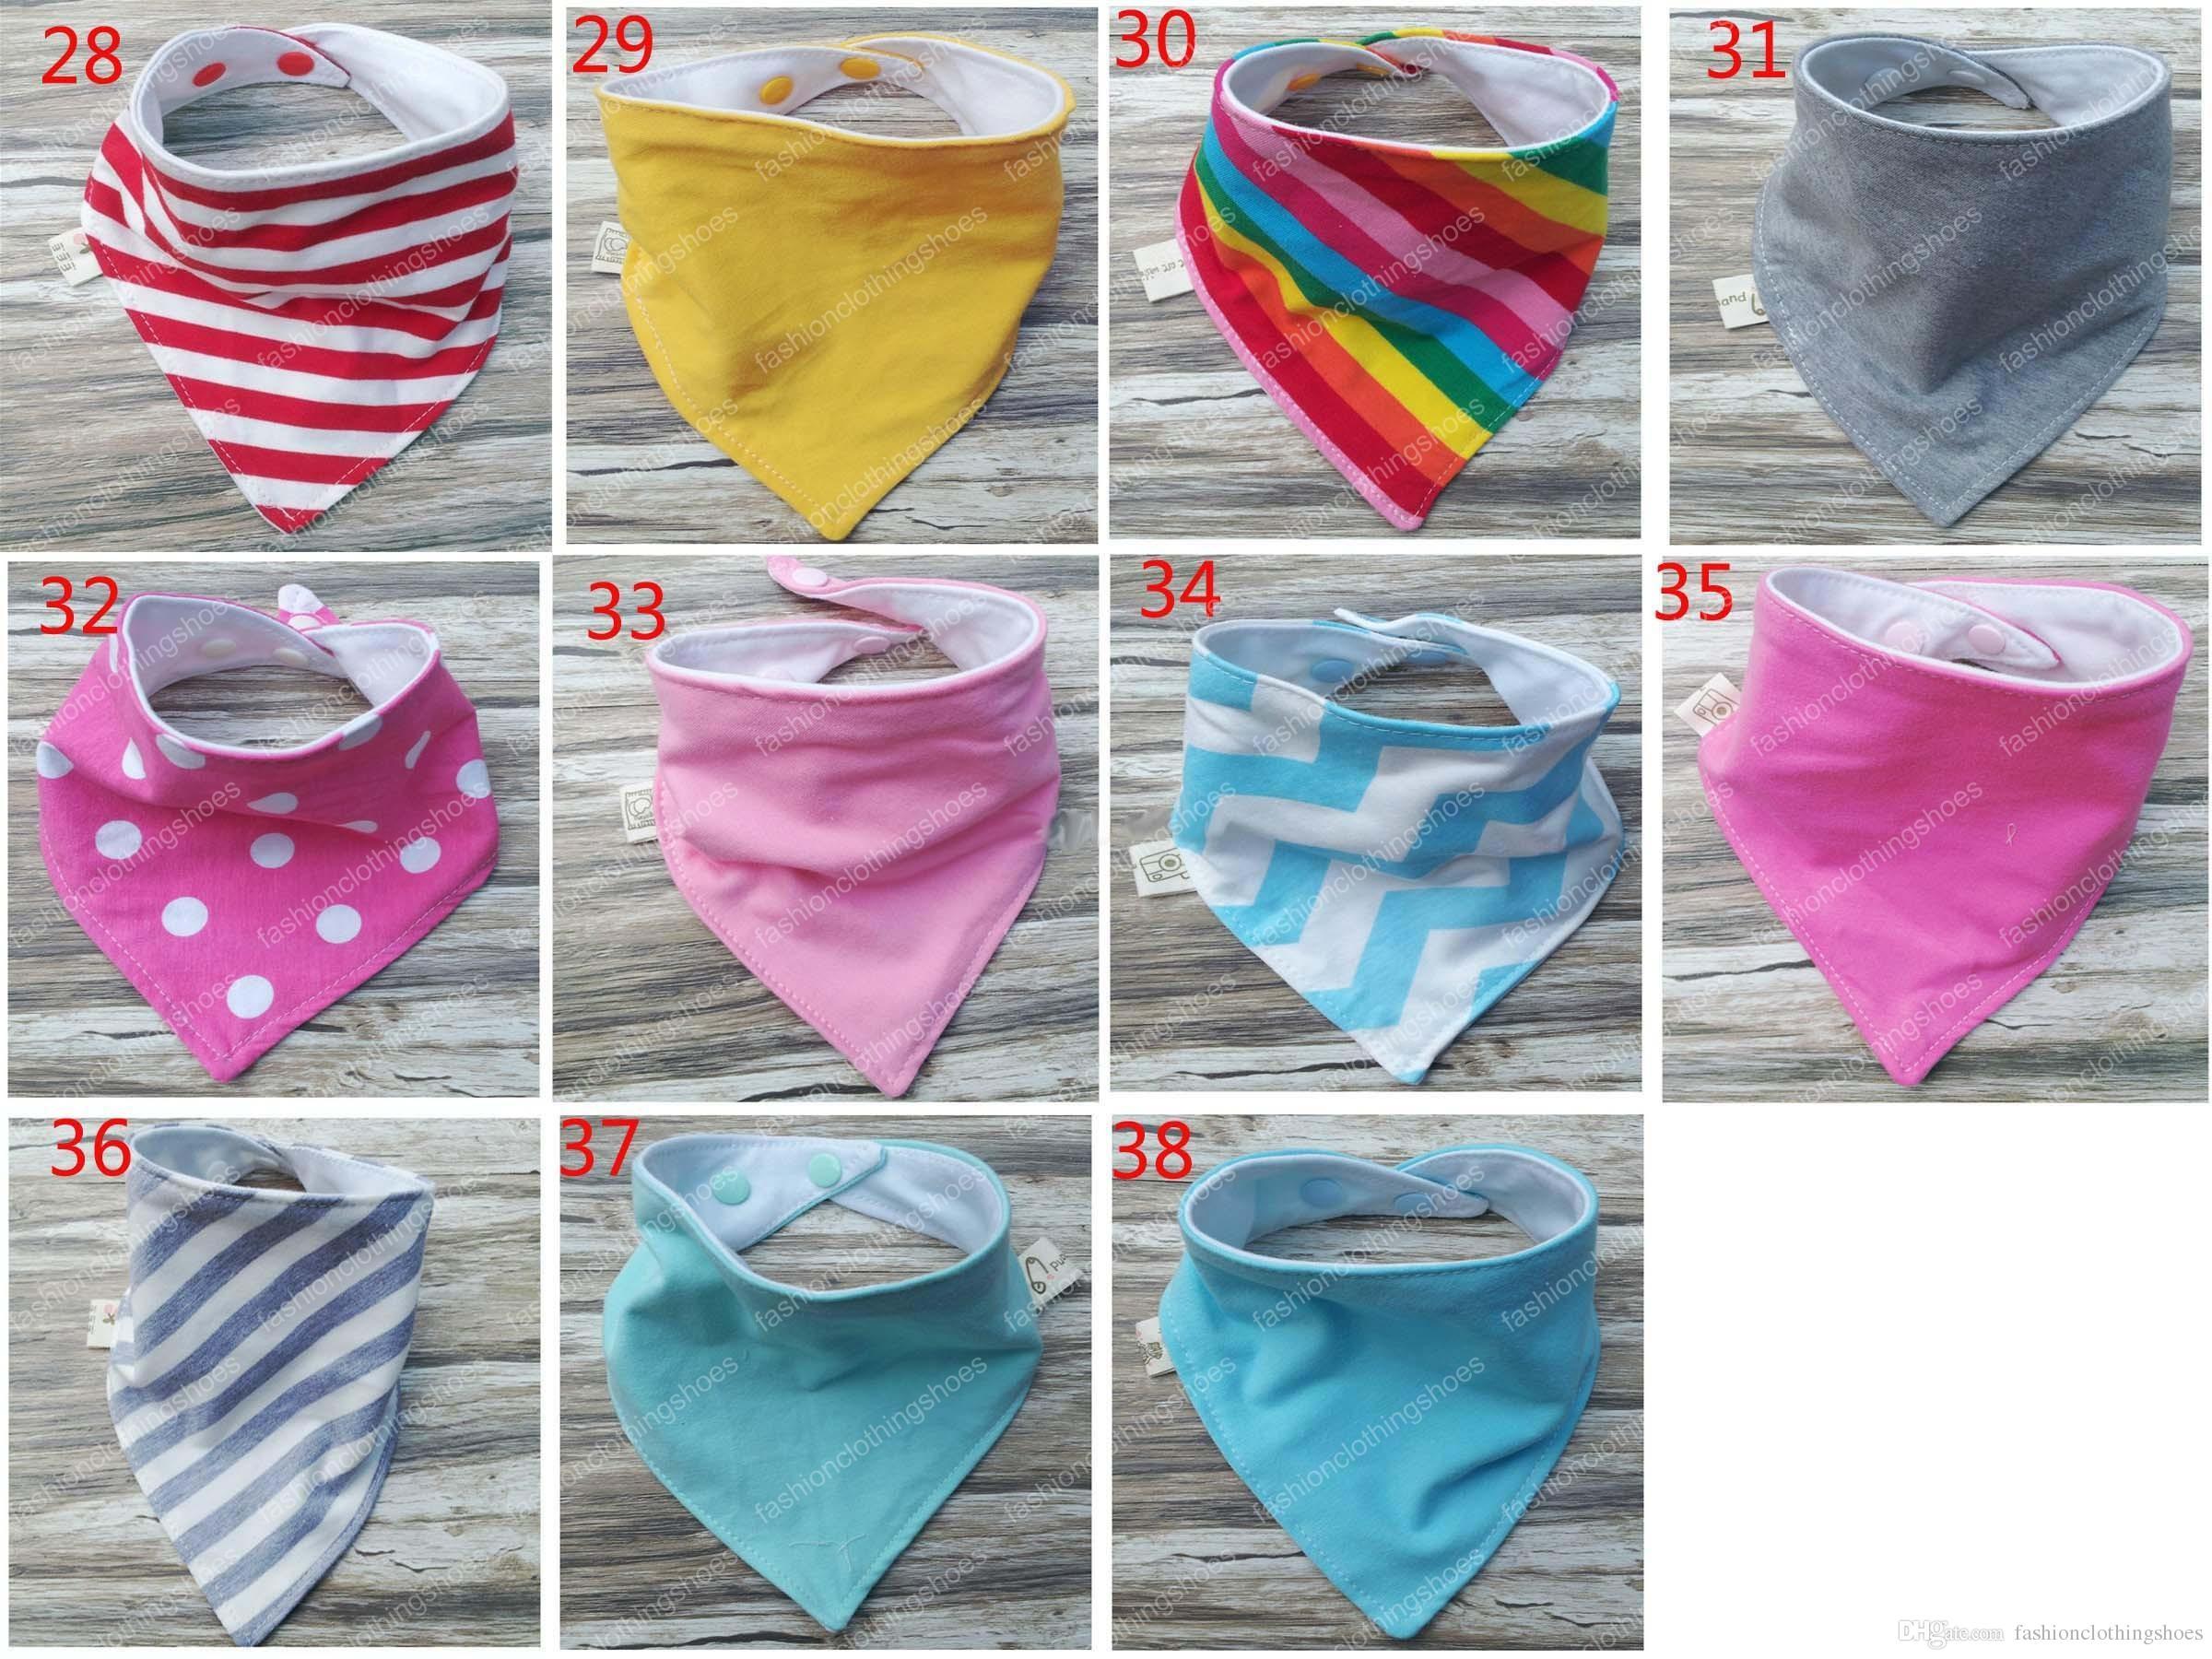 38 renk INS su geçirmez tabaka 2 bebek önlük manuel üçgen havlu pamuk çift üçgen bandaj toka bebek drool havlu çin tarzı ches